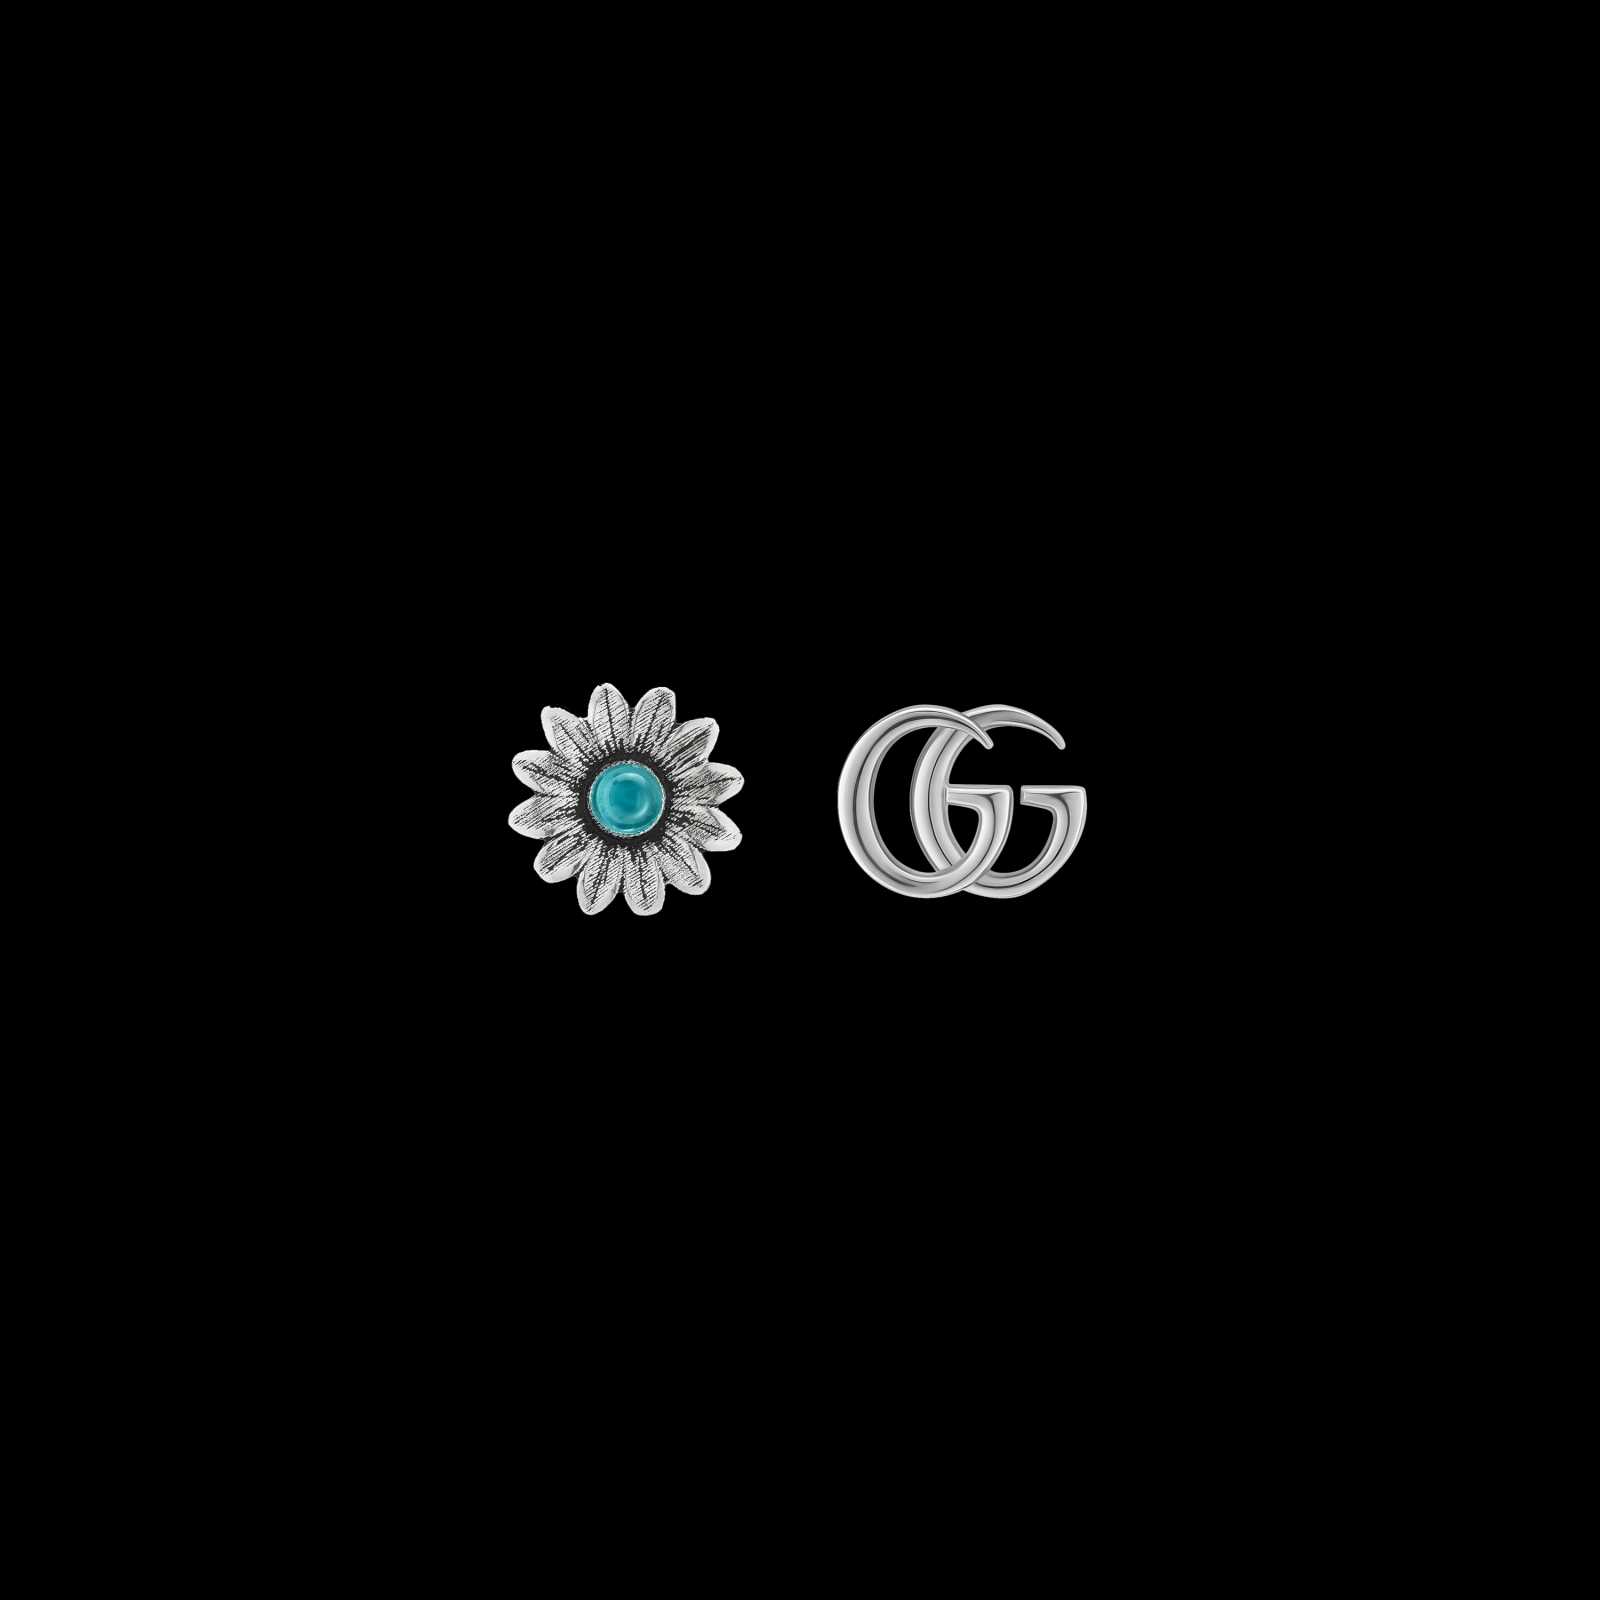 Orecchini GG Marmont in argento con fiore e logo GG ... 59106cc0e7b9